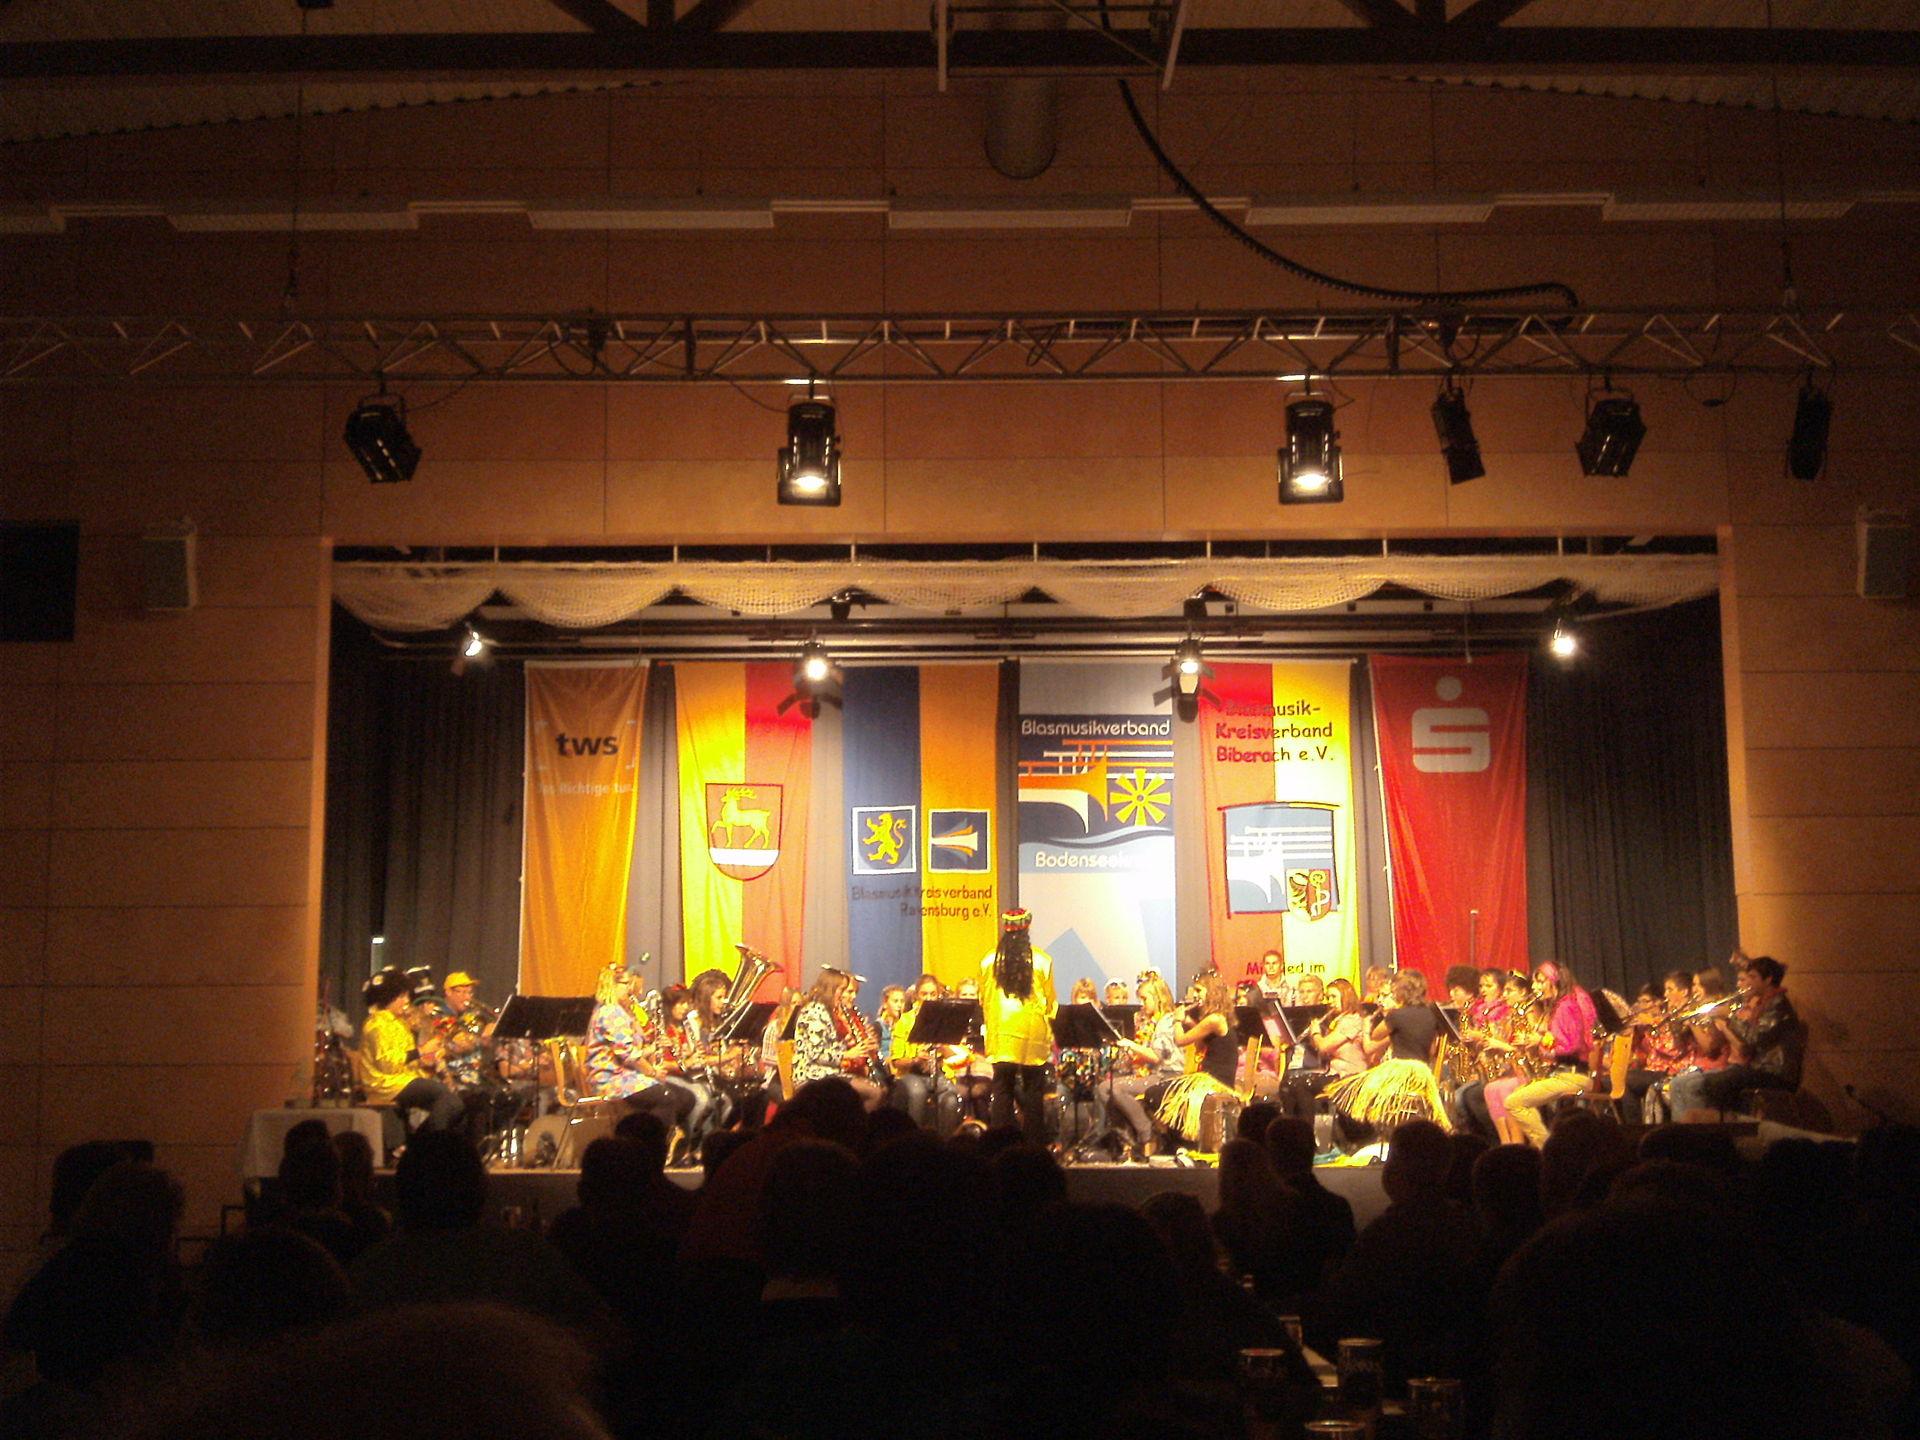 Funktionär Blasmusikverband Baden Württemberg: Blasmusikverband Baden-Württemberg